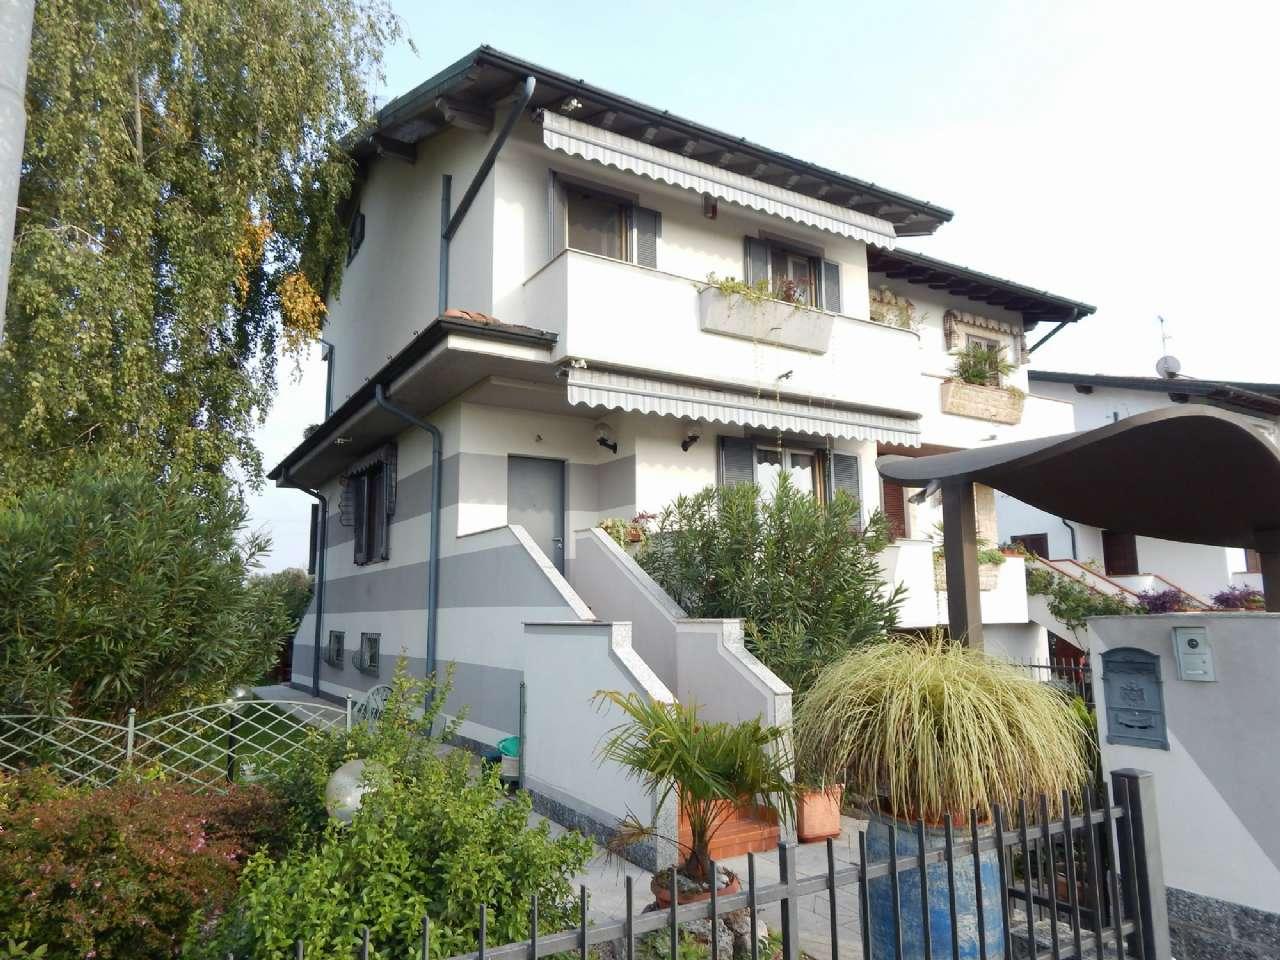 Appartamento in vendita a Fornovo San Giovanni, 5 locali, prezzo € 215.000 | CambioCasa.it